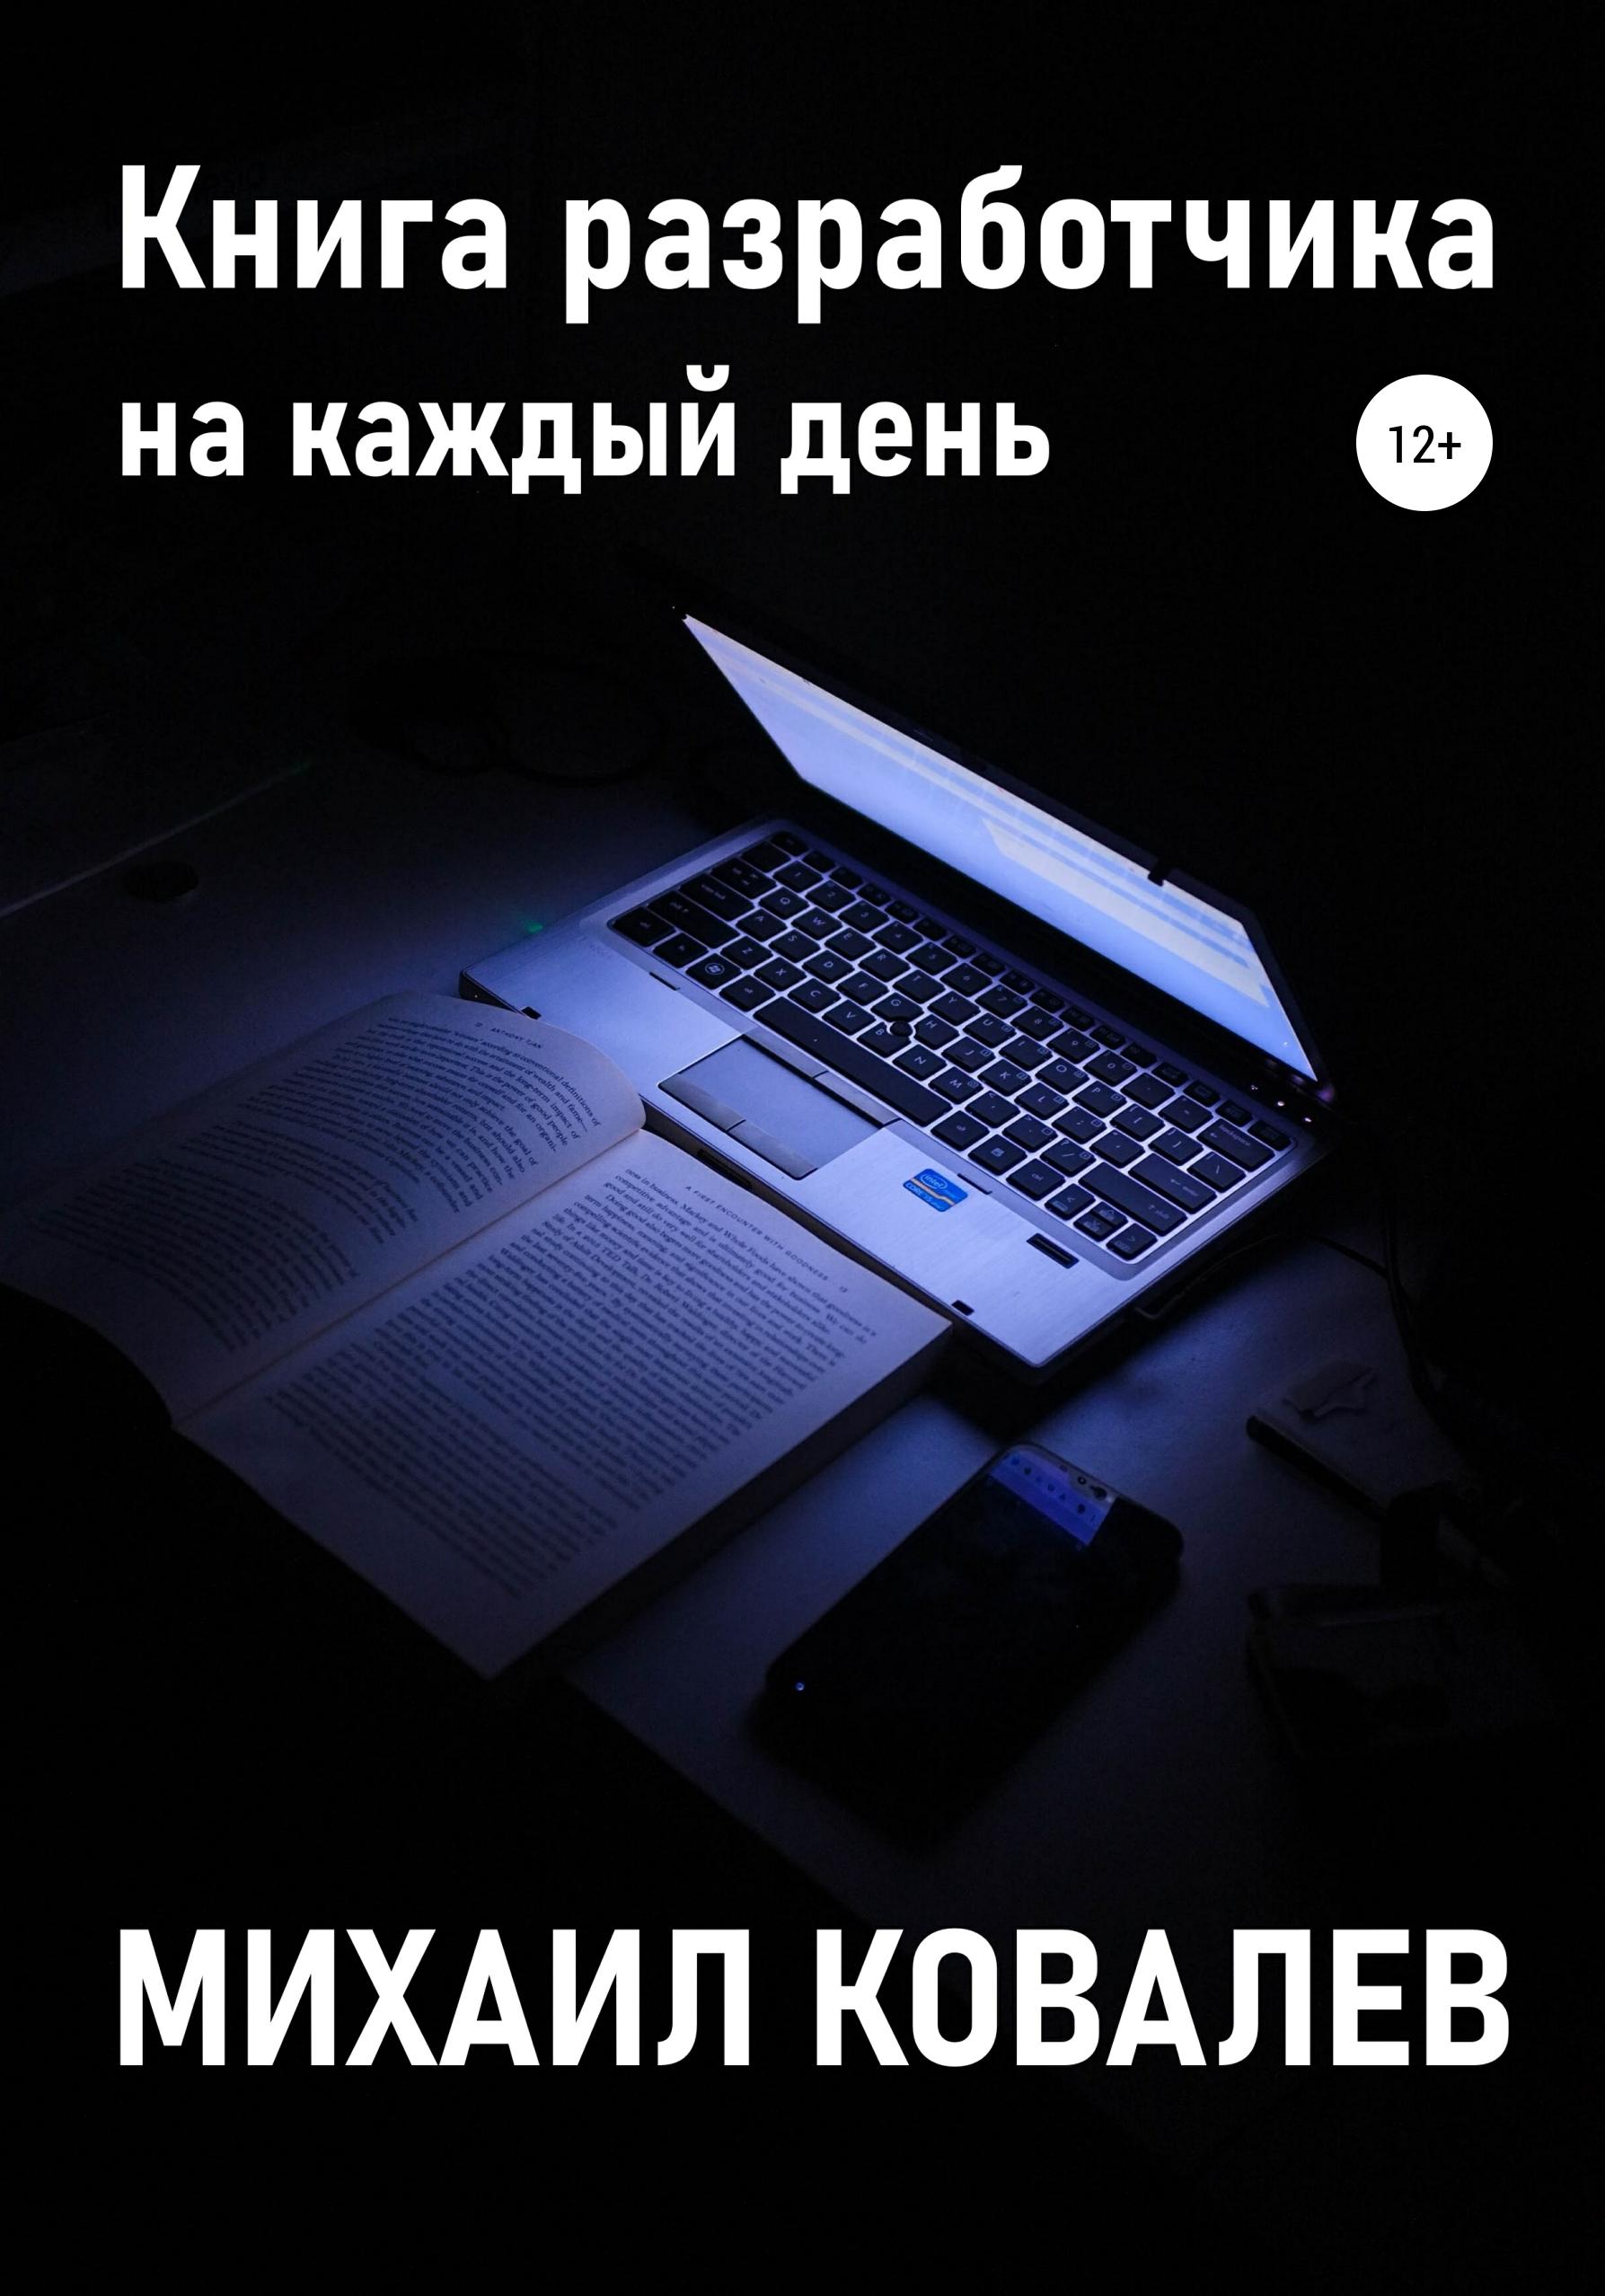 Михаил Ковалев - Книга разработчика на каждый день